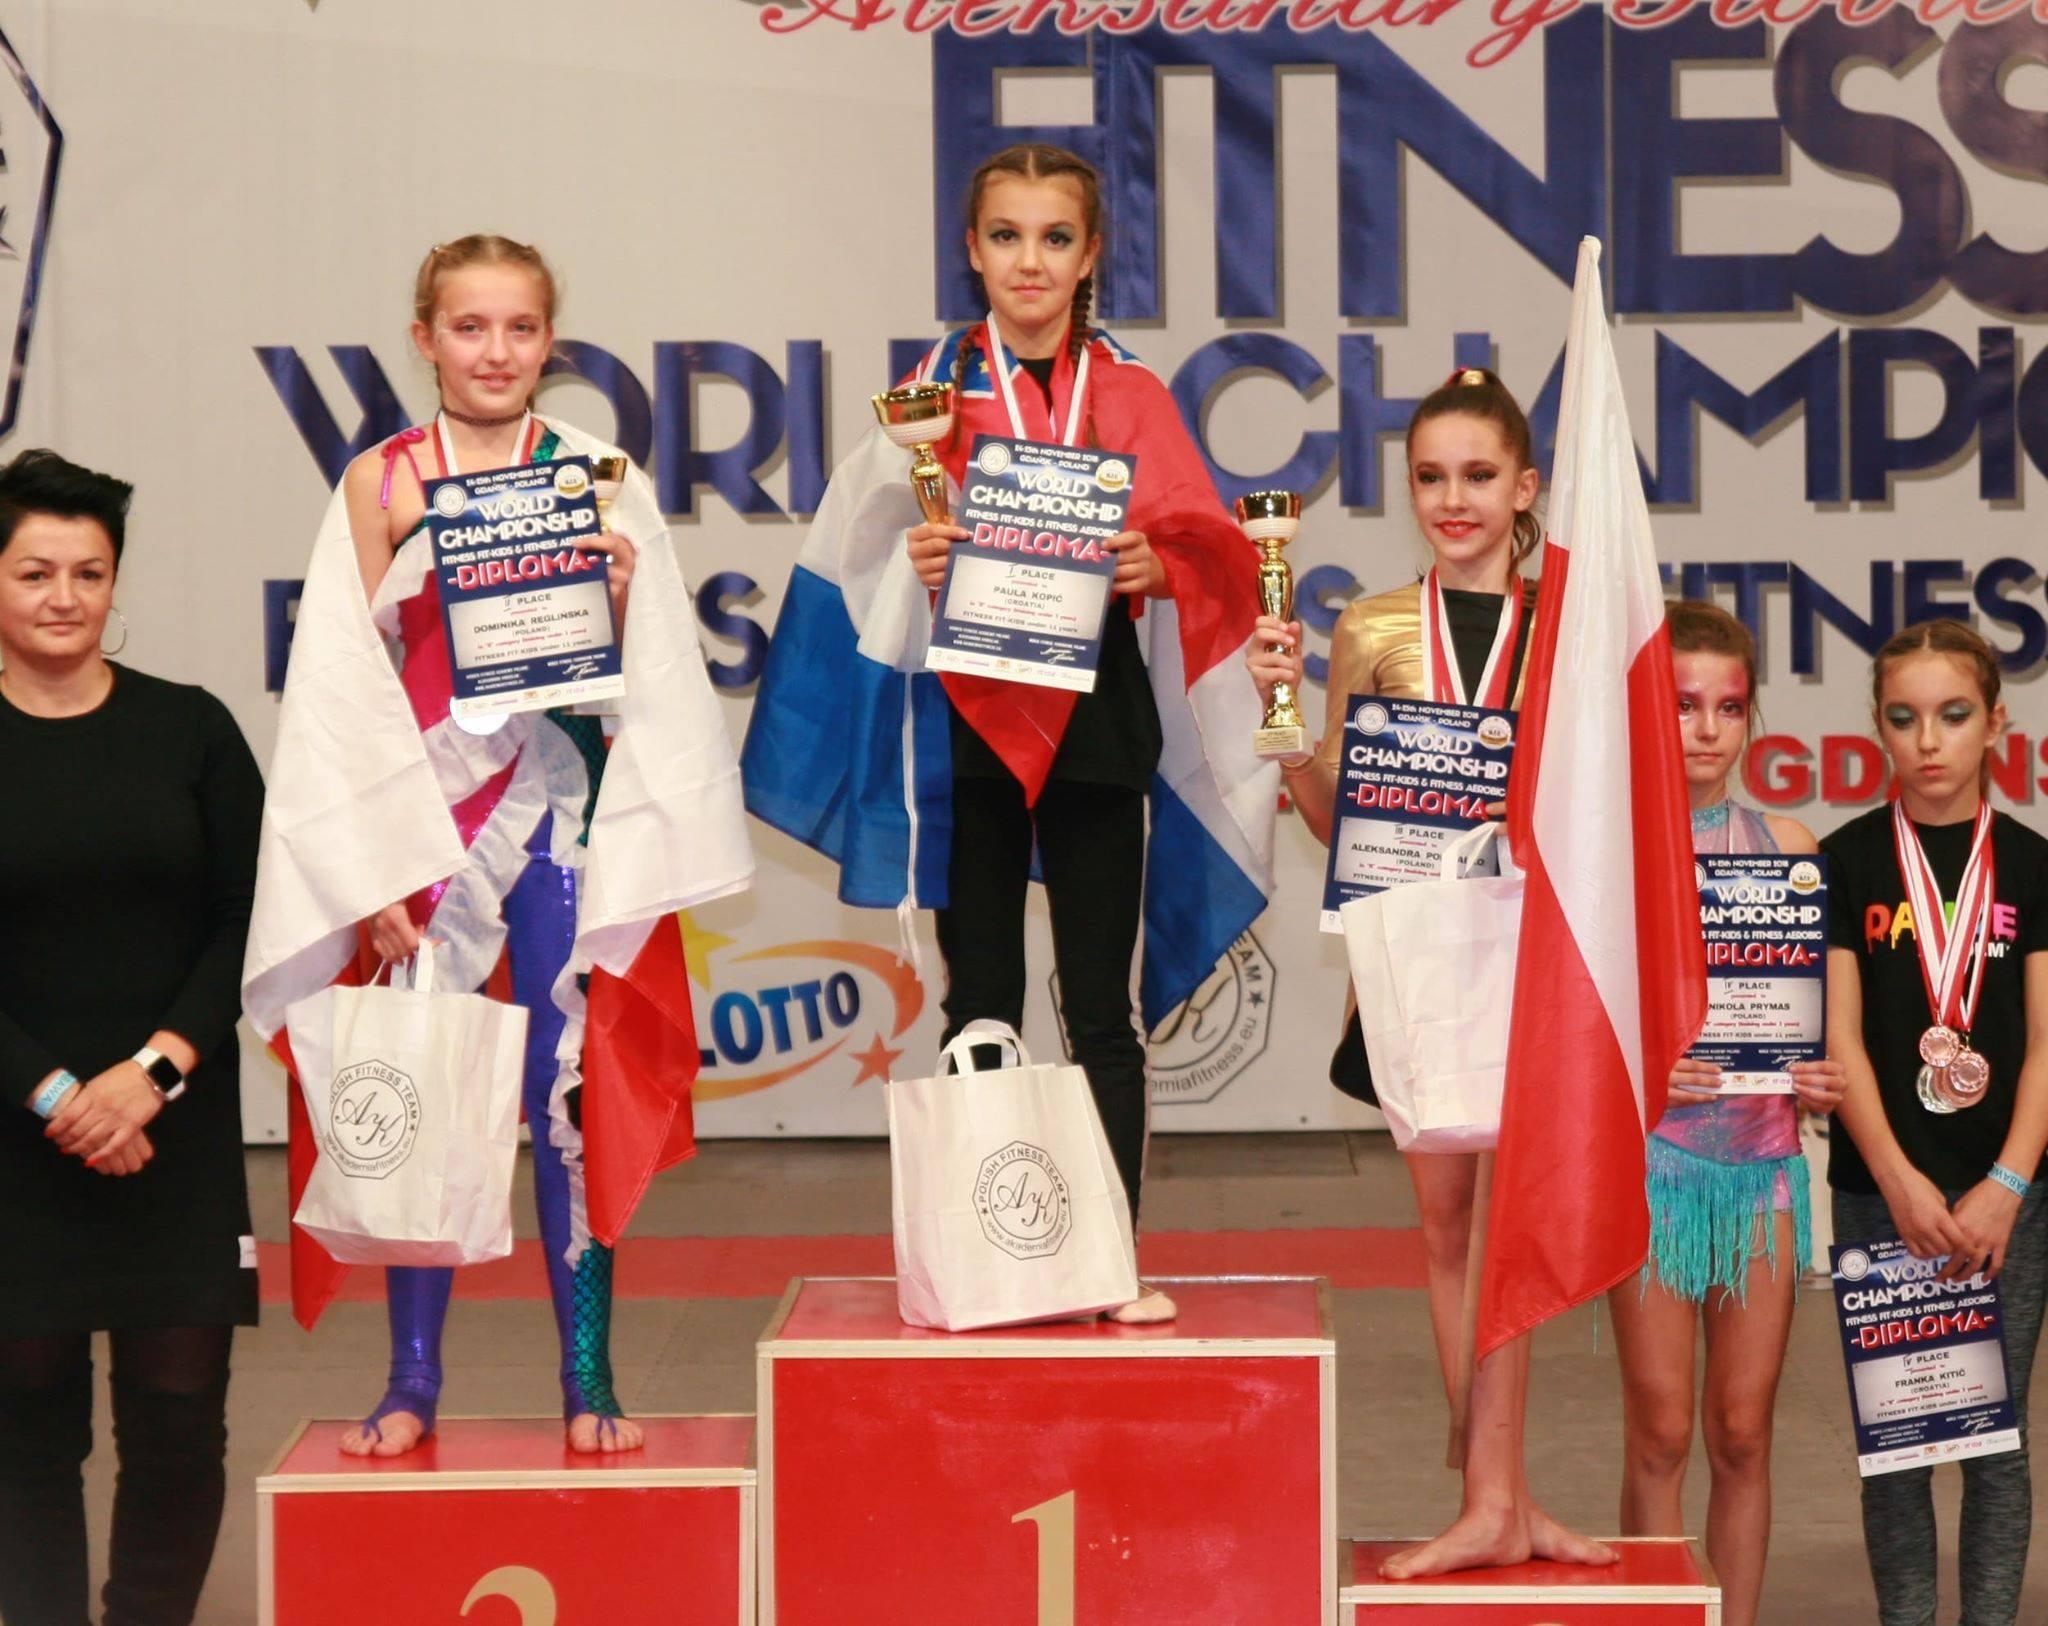 24-25 listopada 2018 roku odbyły się Mistrzostwa Świata w Fitness Fit-Kid & Fitness Aerobic. Uczennica klasy VD – Dominika Reglińska zajęła II miejsce w kategorii wiekowej do 11 lat. Serdecznie gratulujemy. Jesteśmy tacy dumni!